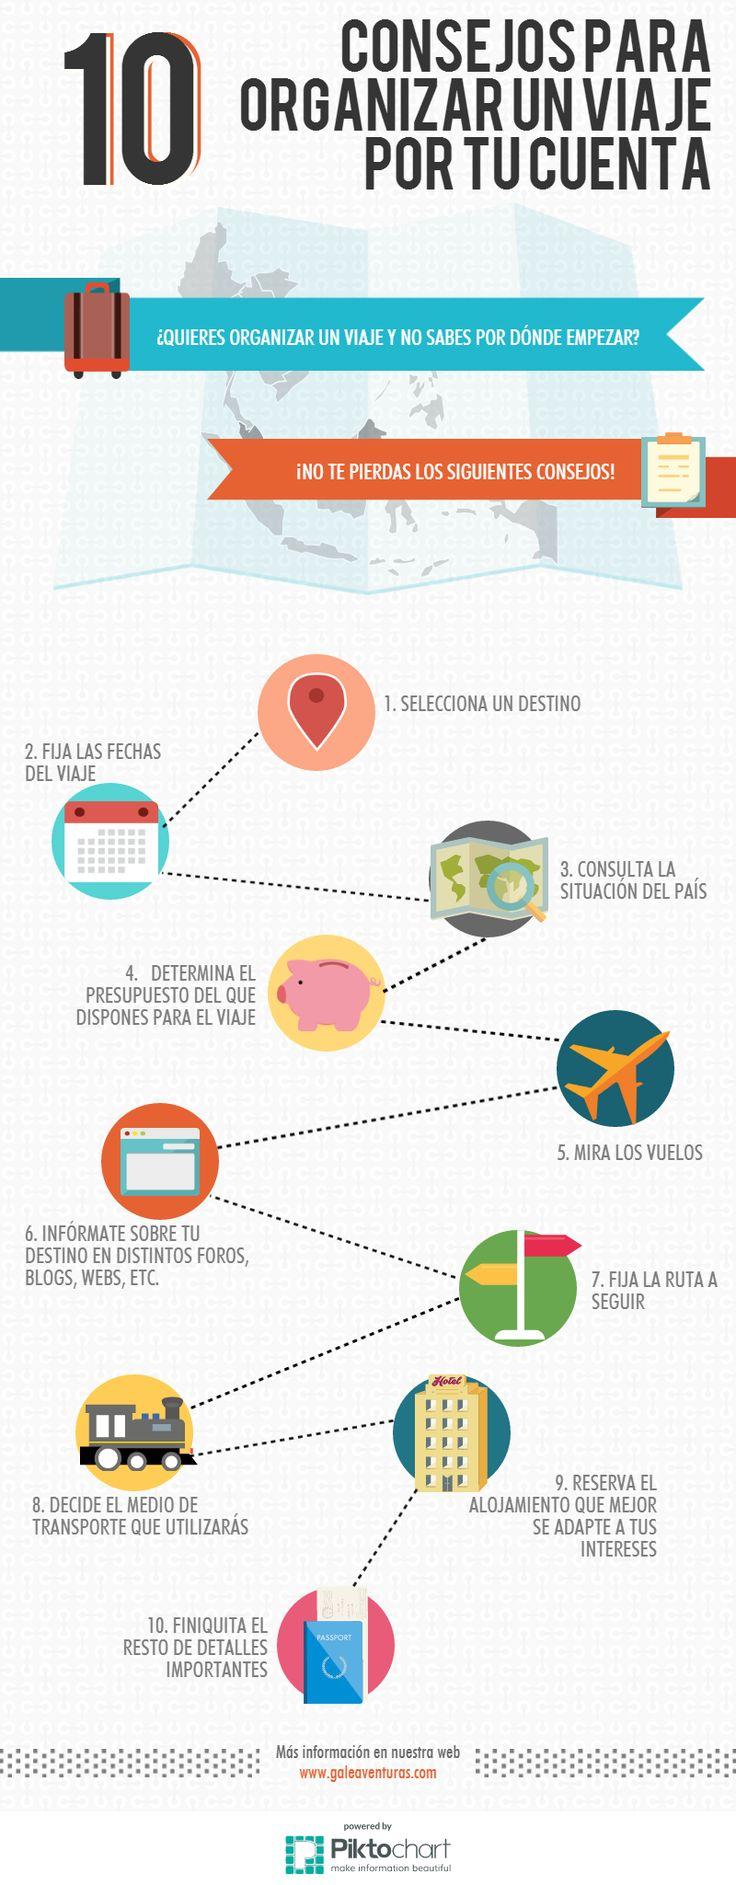 10 consejos para organizar un viaje por tu cuenta